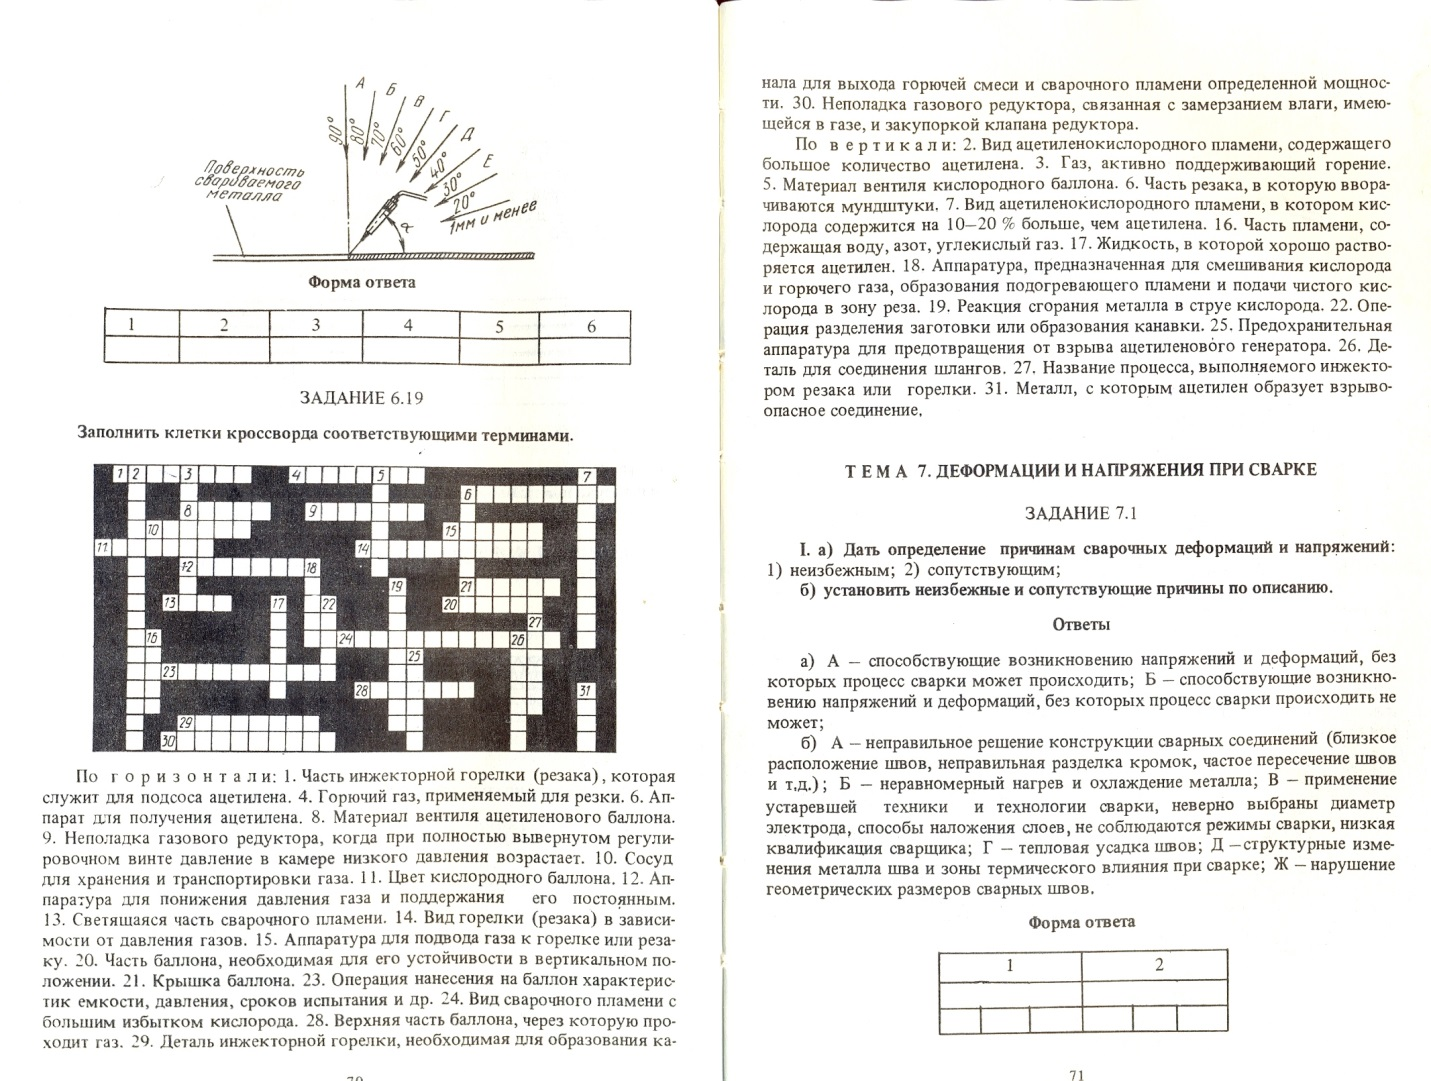 C:\Users\MandrikovaNA\Pictures\Мои сканированные изображения\сканирование0027.jpg